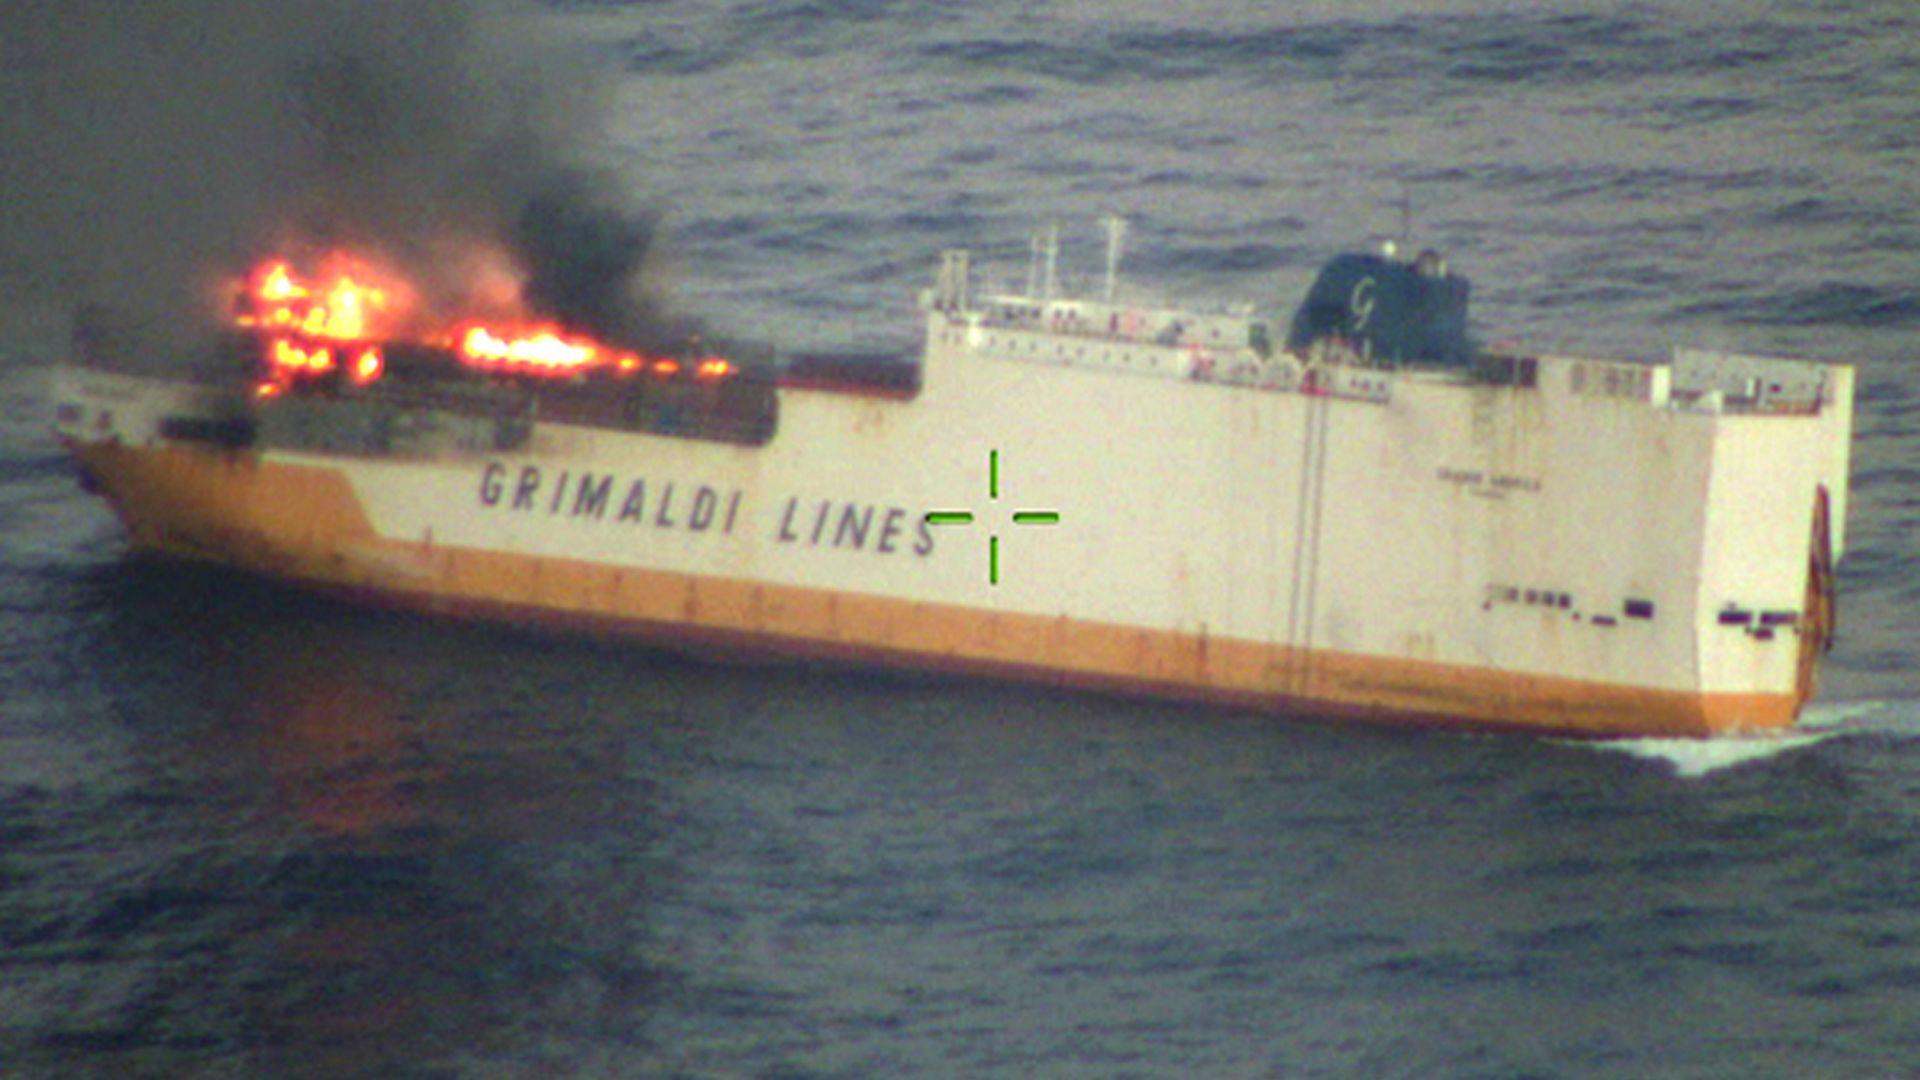 Петролен разлив от потънал кораб застрашава френското крайбрежие (снимки)